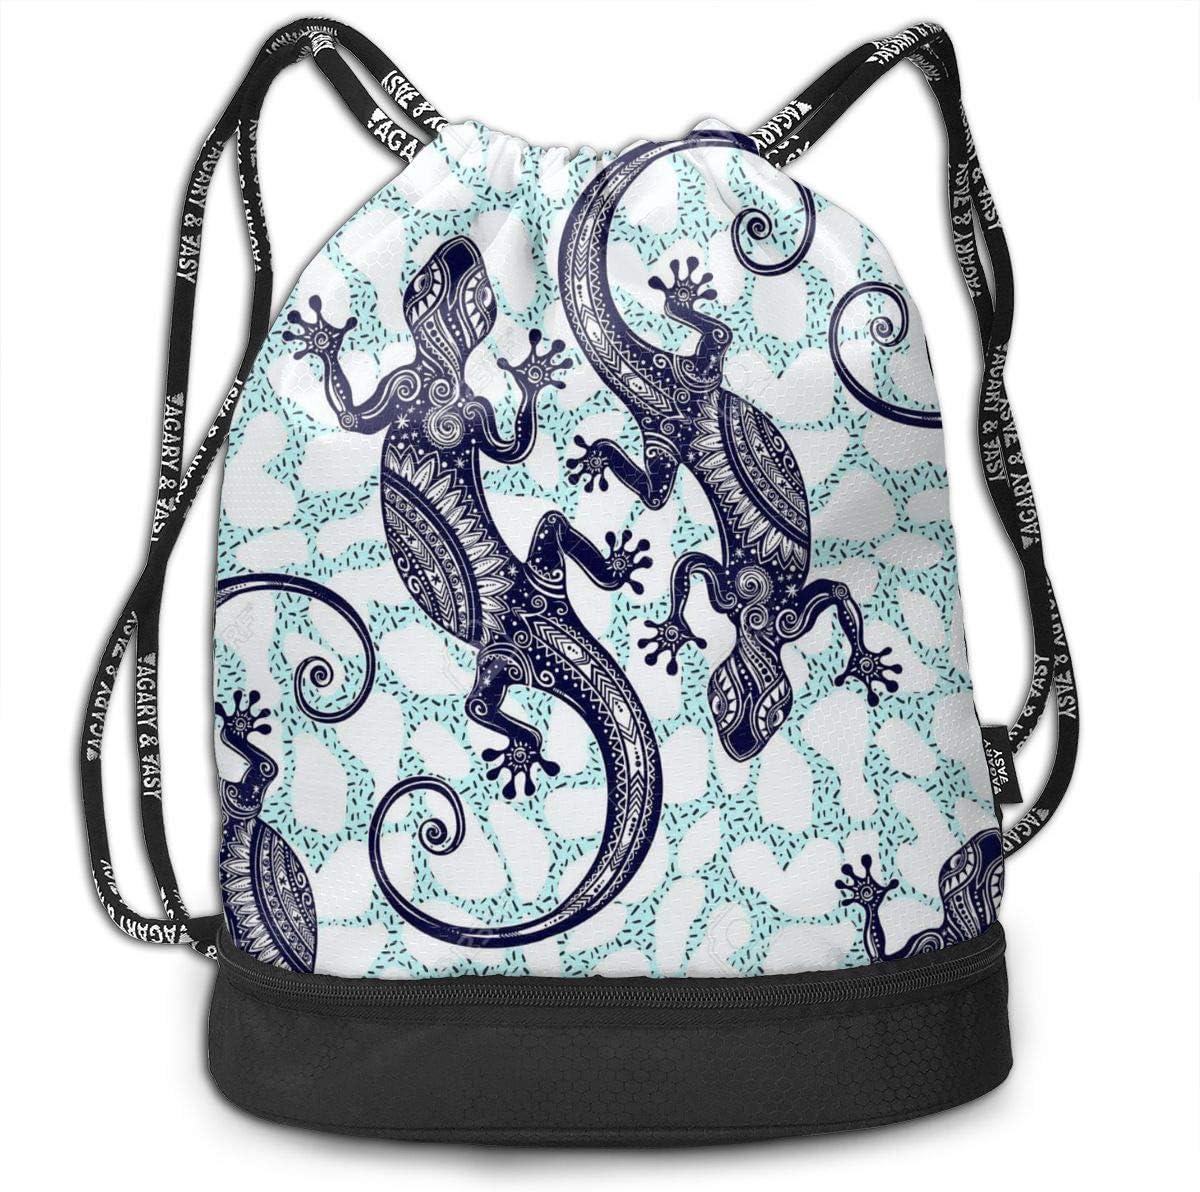 GymSack Drawstring Bag Sackpack Pattern Gecko Sport Cinch Pack Simple Bundle Pocke Backpack For Men Women